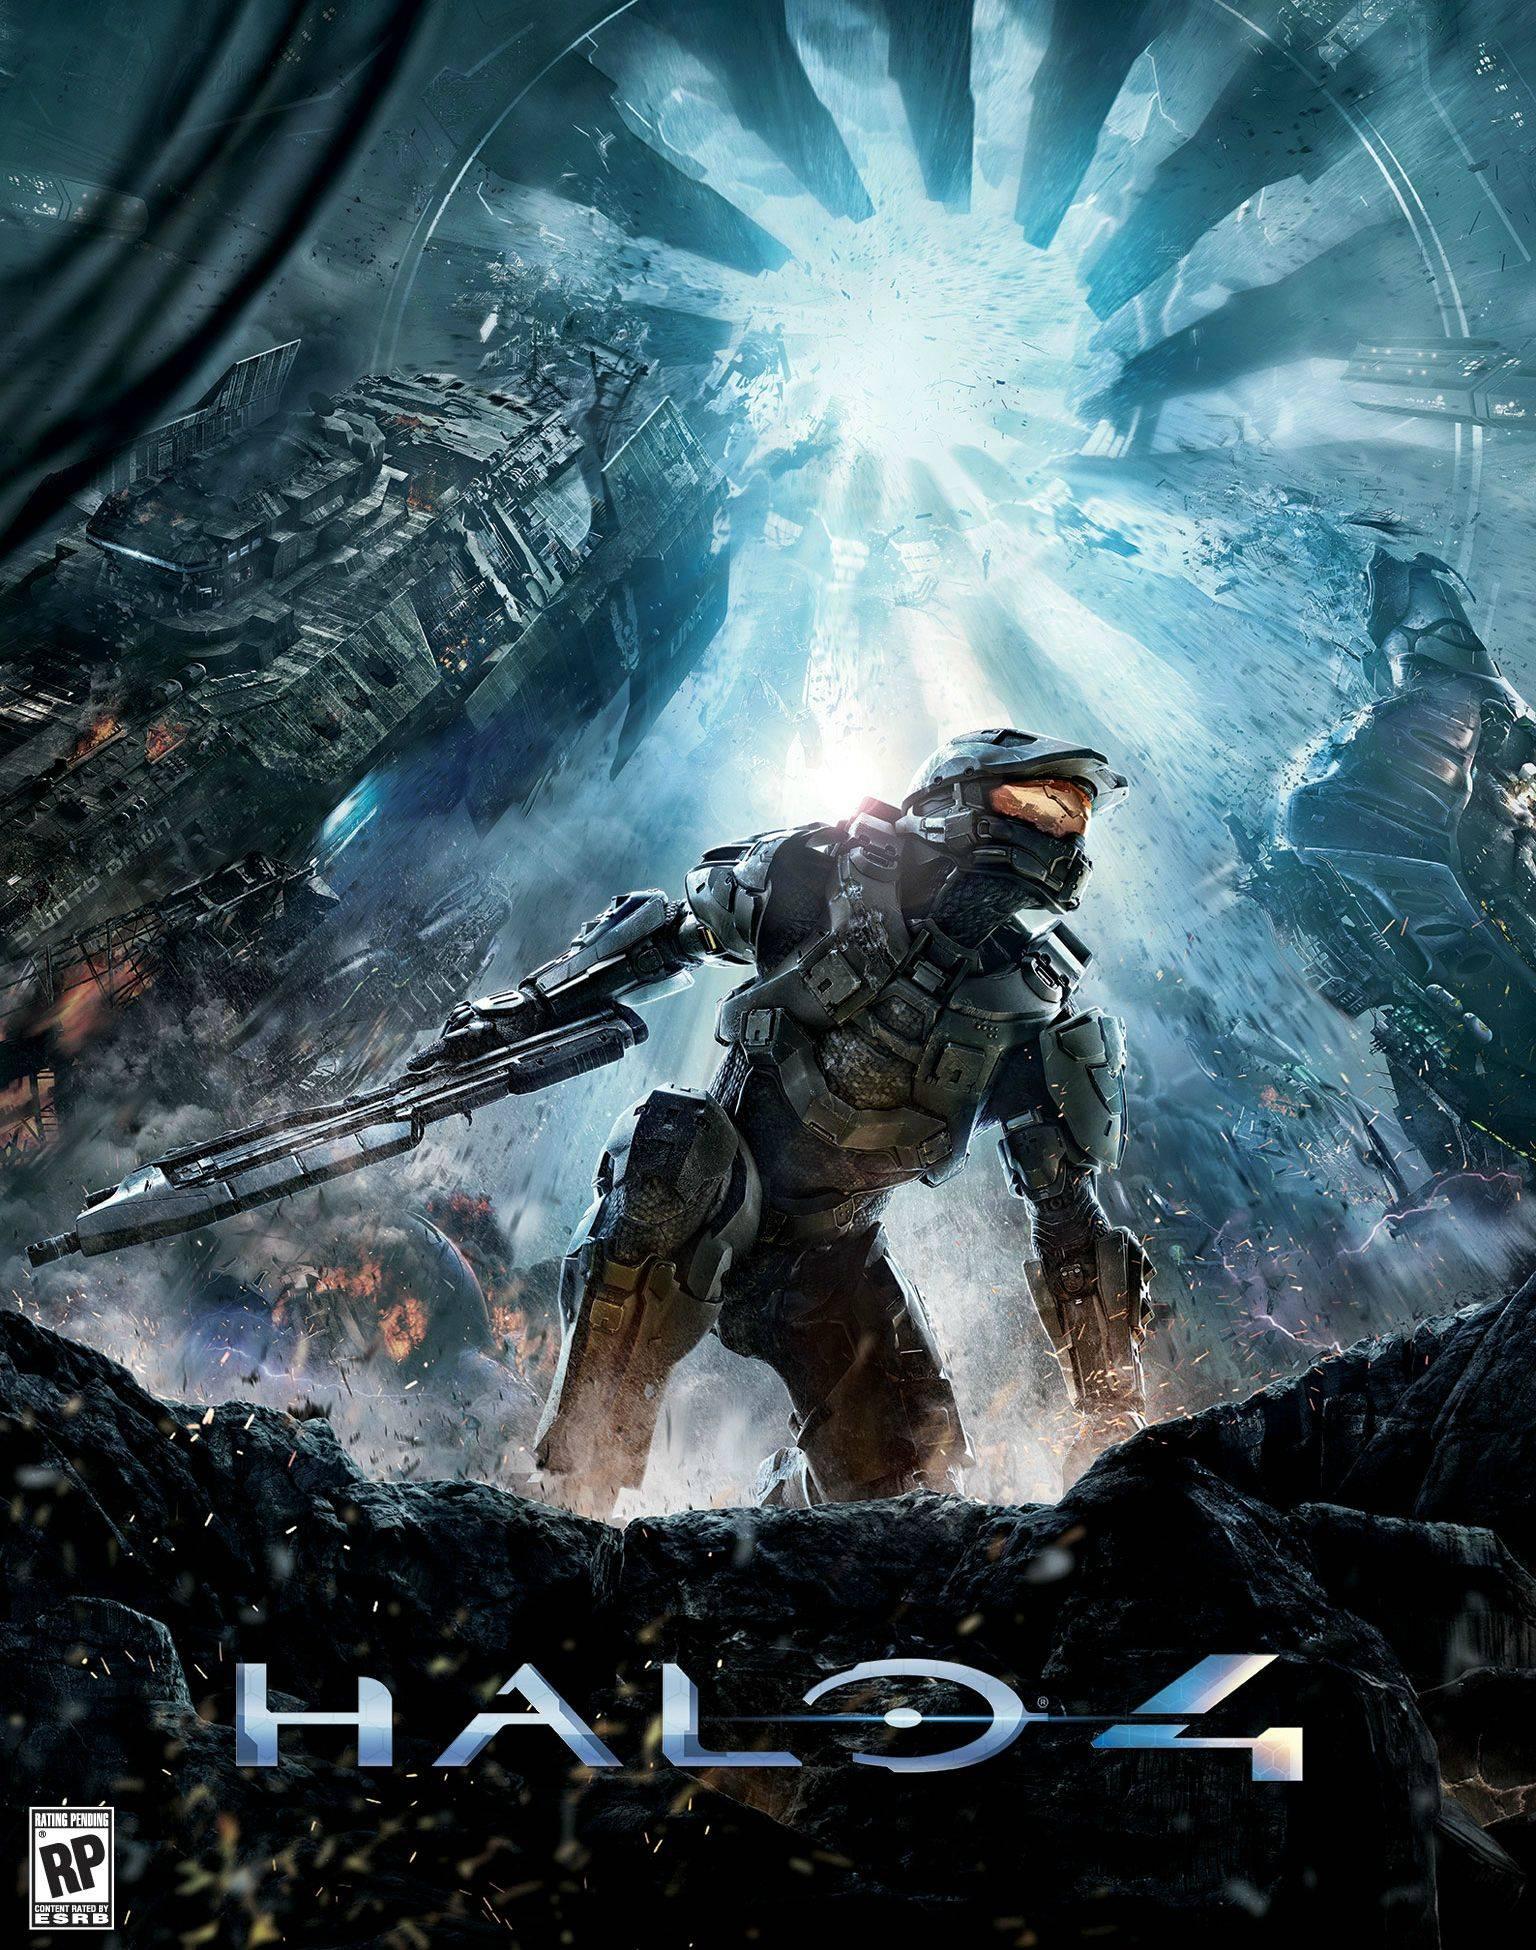 Halo4 360 Visuel 020